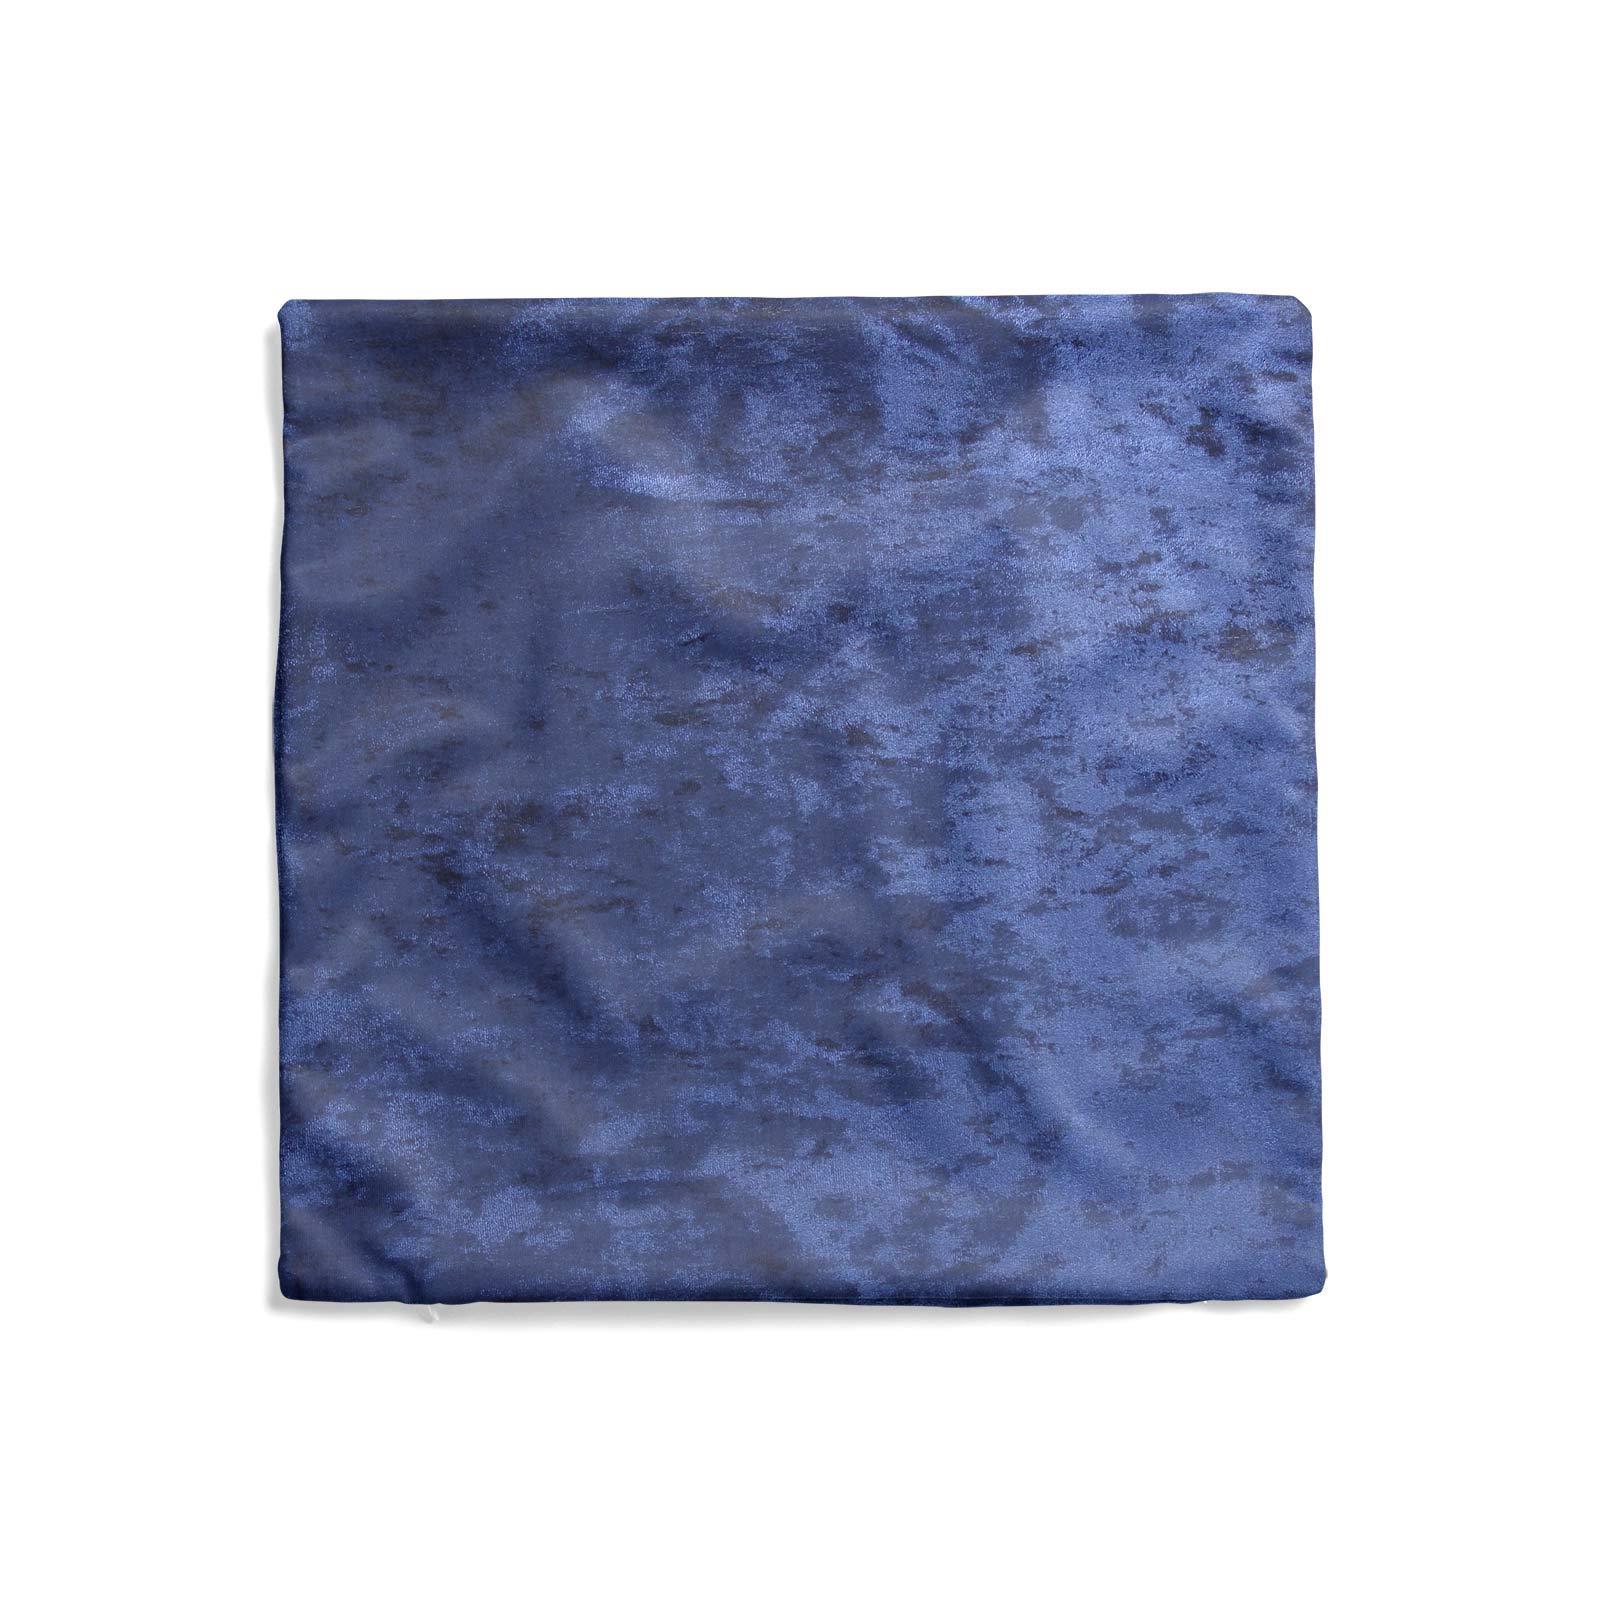 Cuscino-di-velluto-schiacciato-copre-GLAM-Tinta-Unita-Copricuscino-18-034-x-18-034-45cm-x-45cm miniatura 22